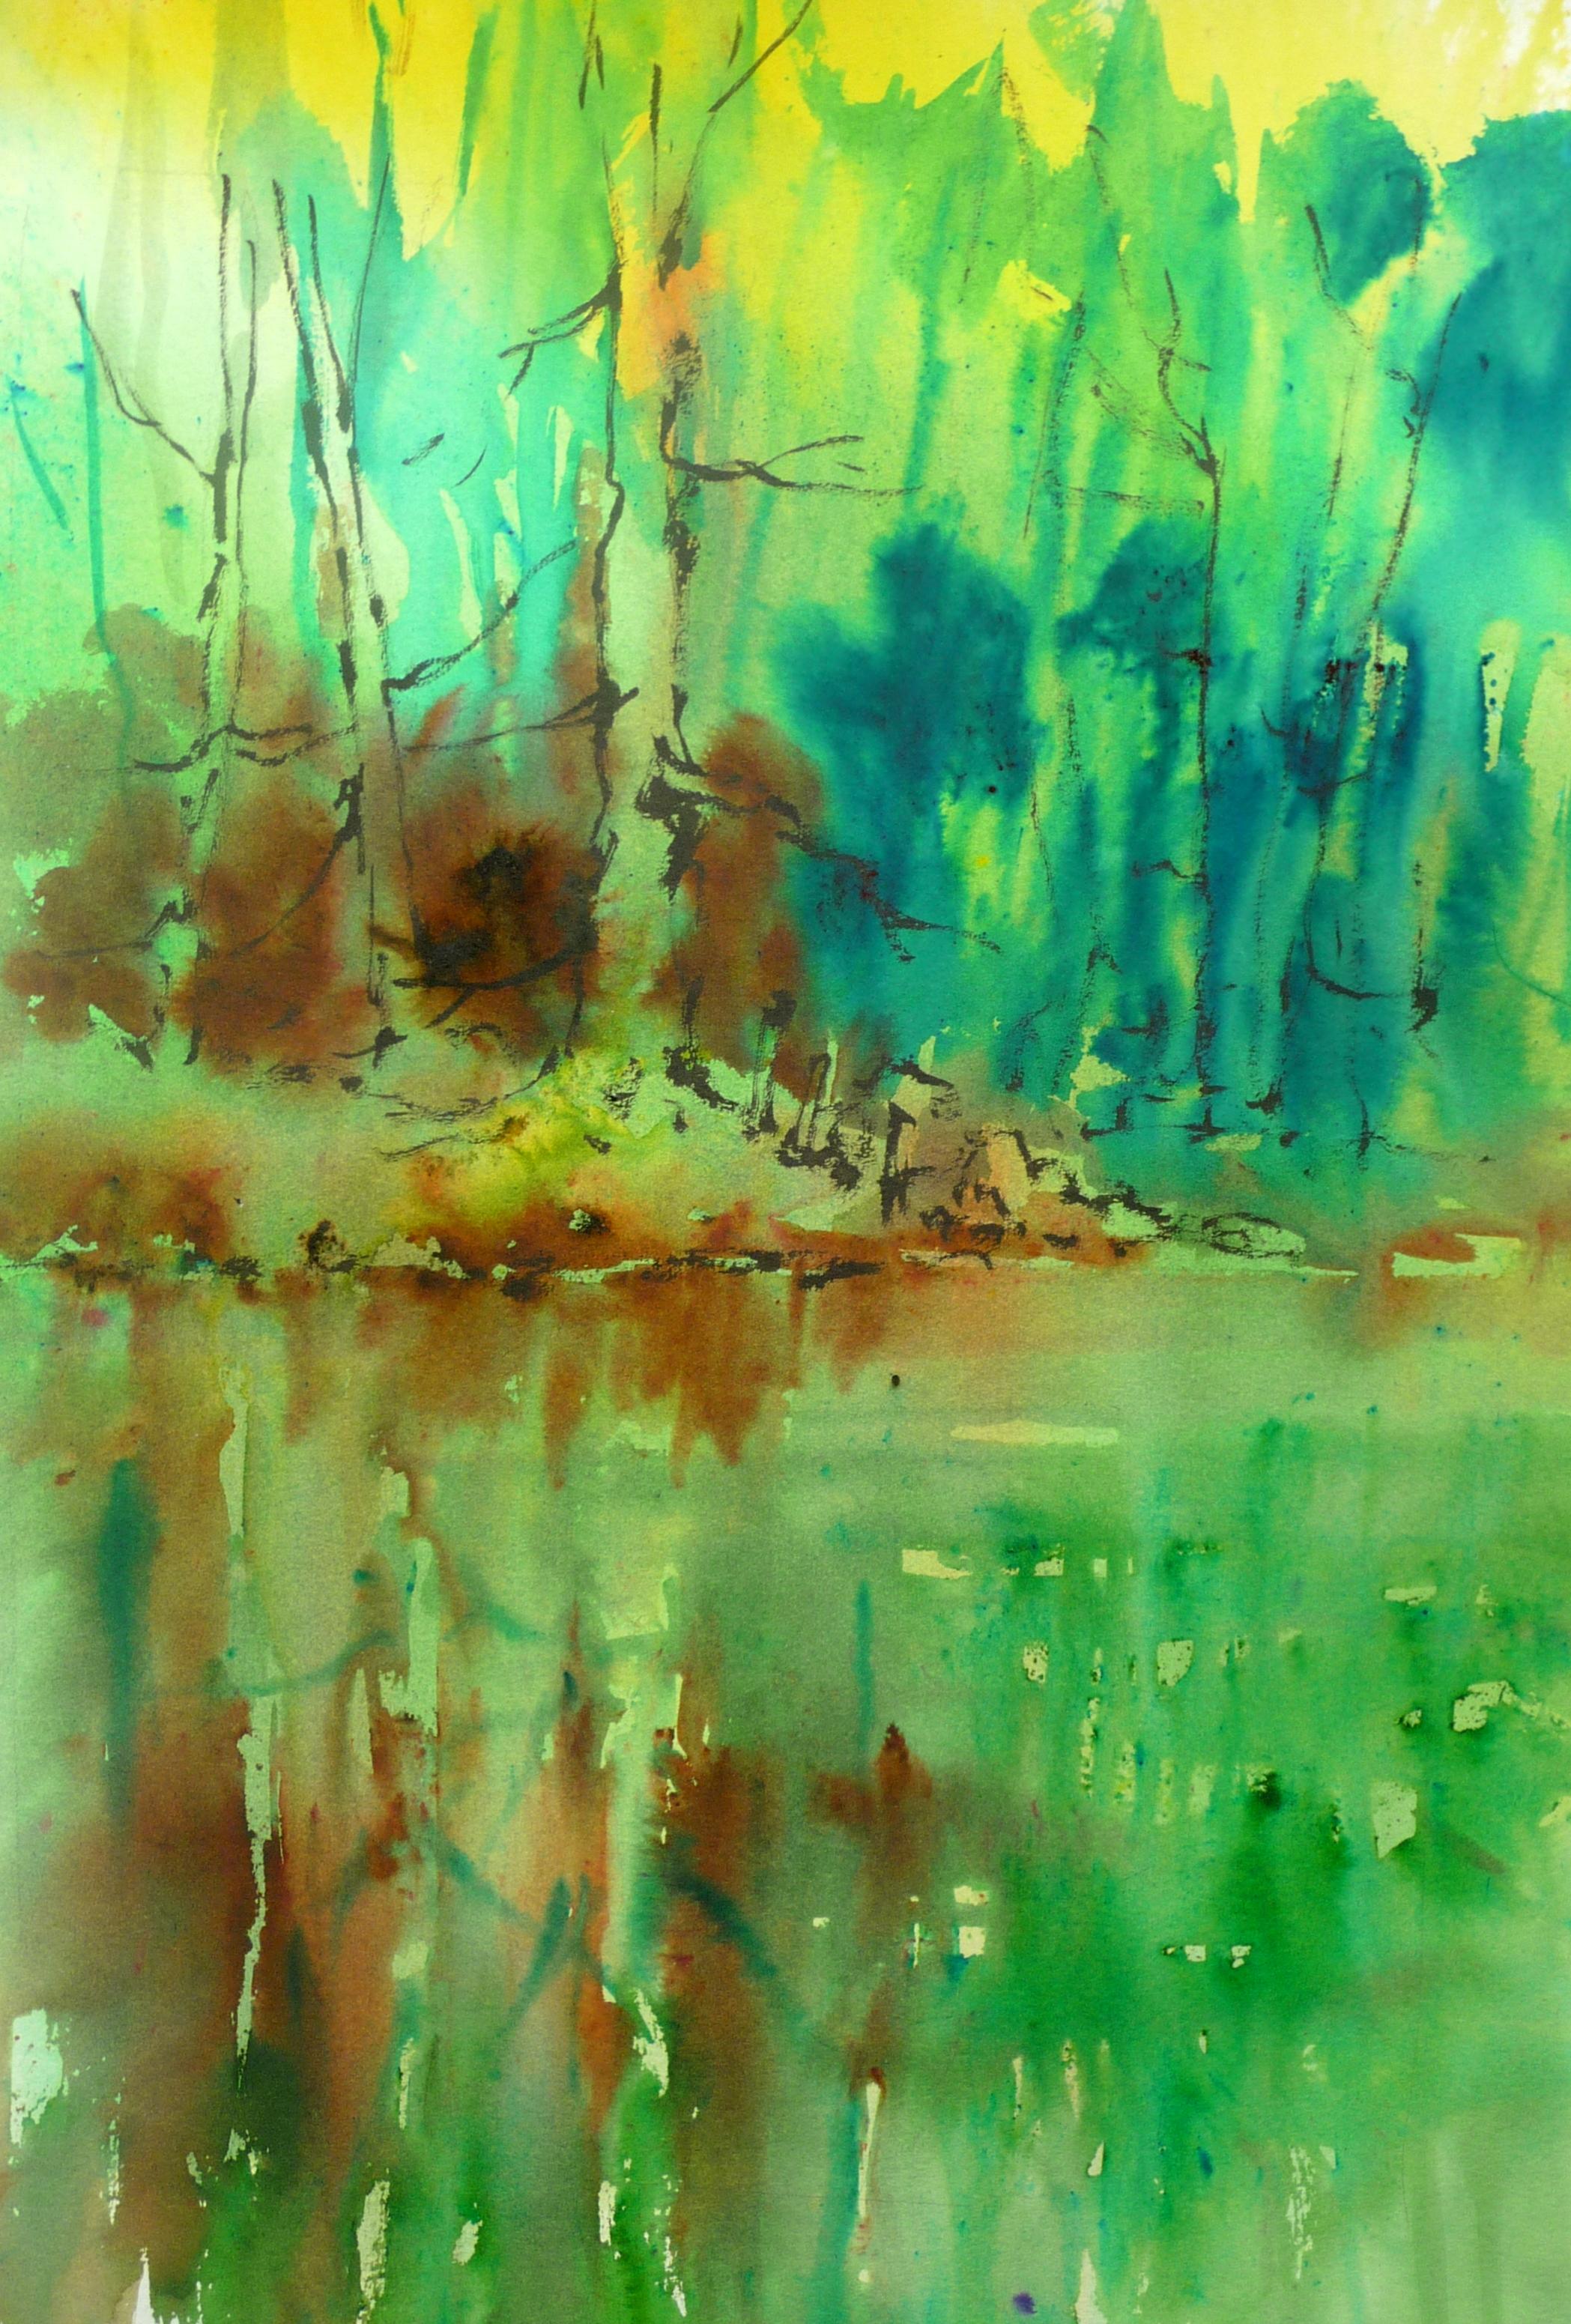 woodland-lw.JPG